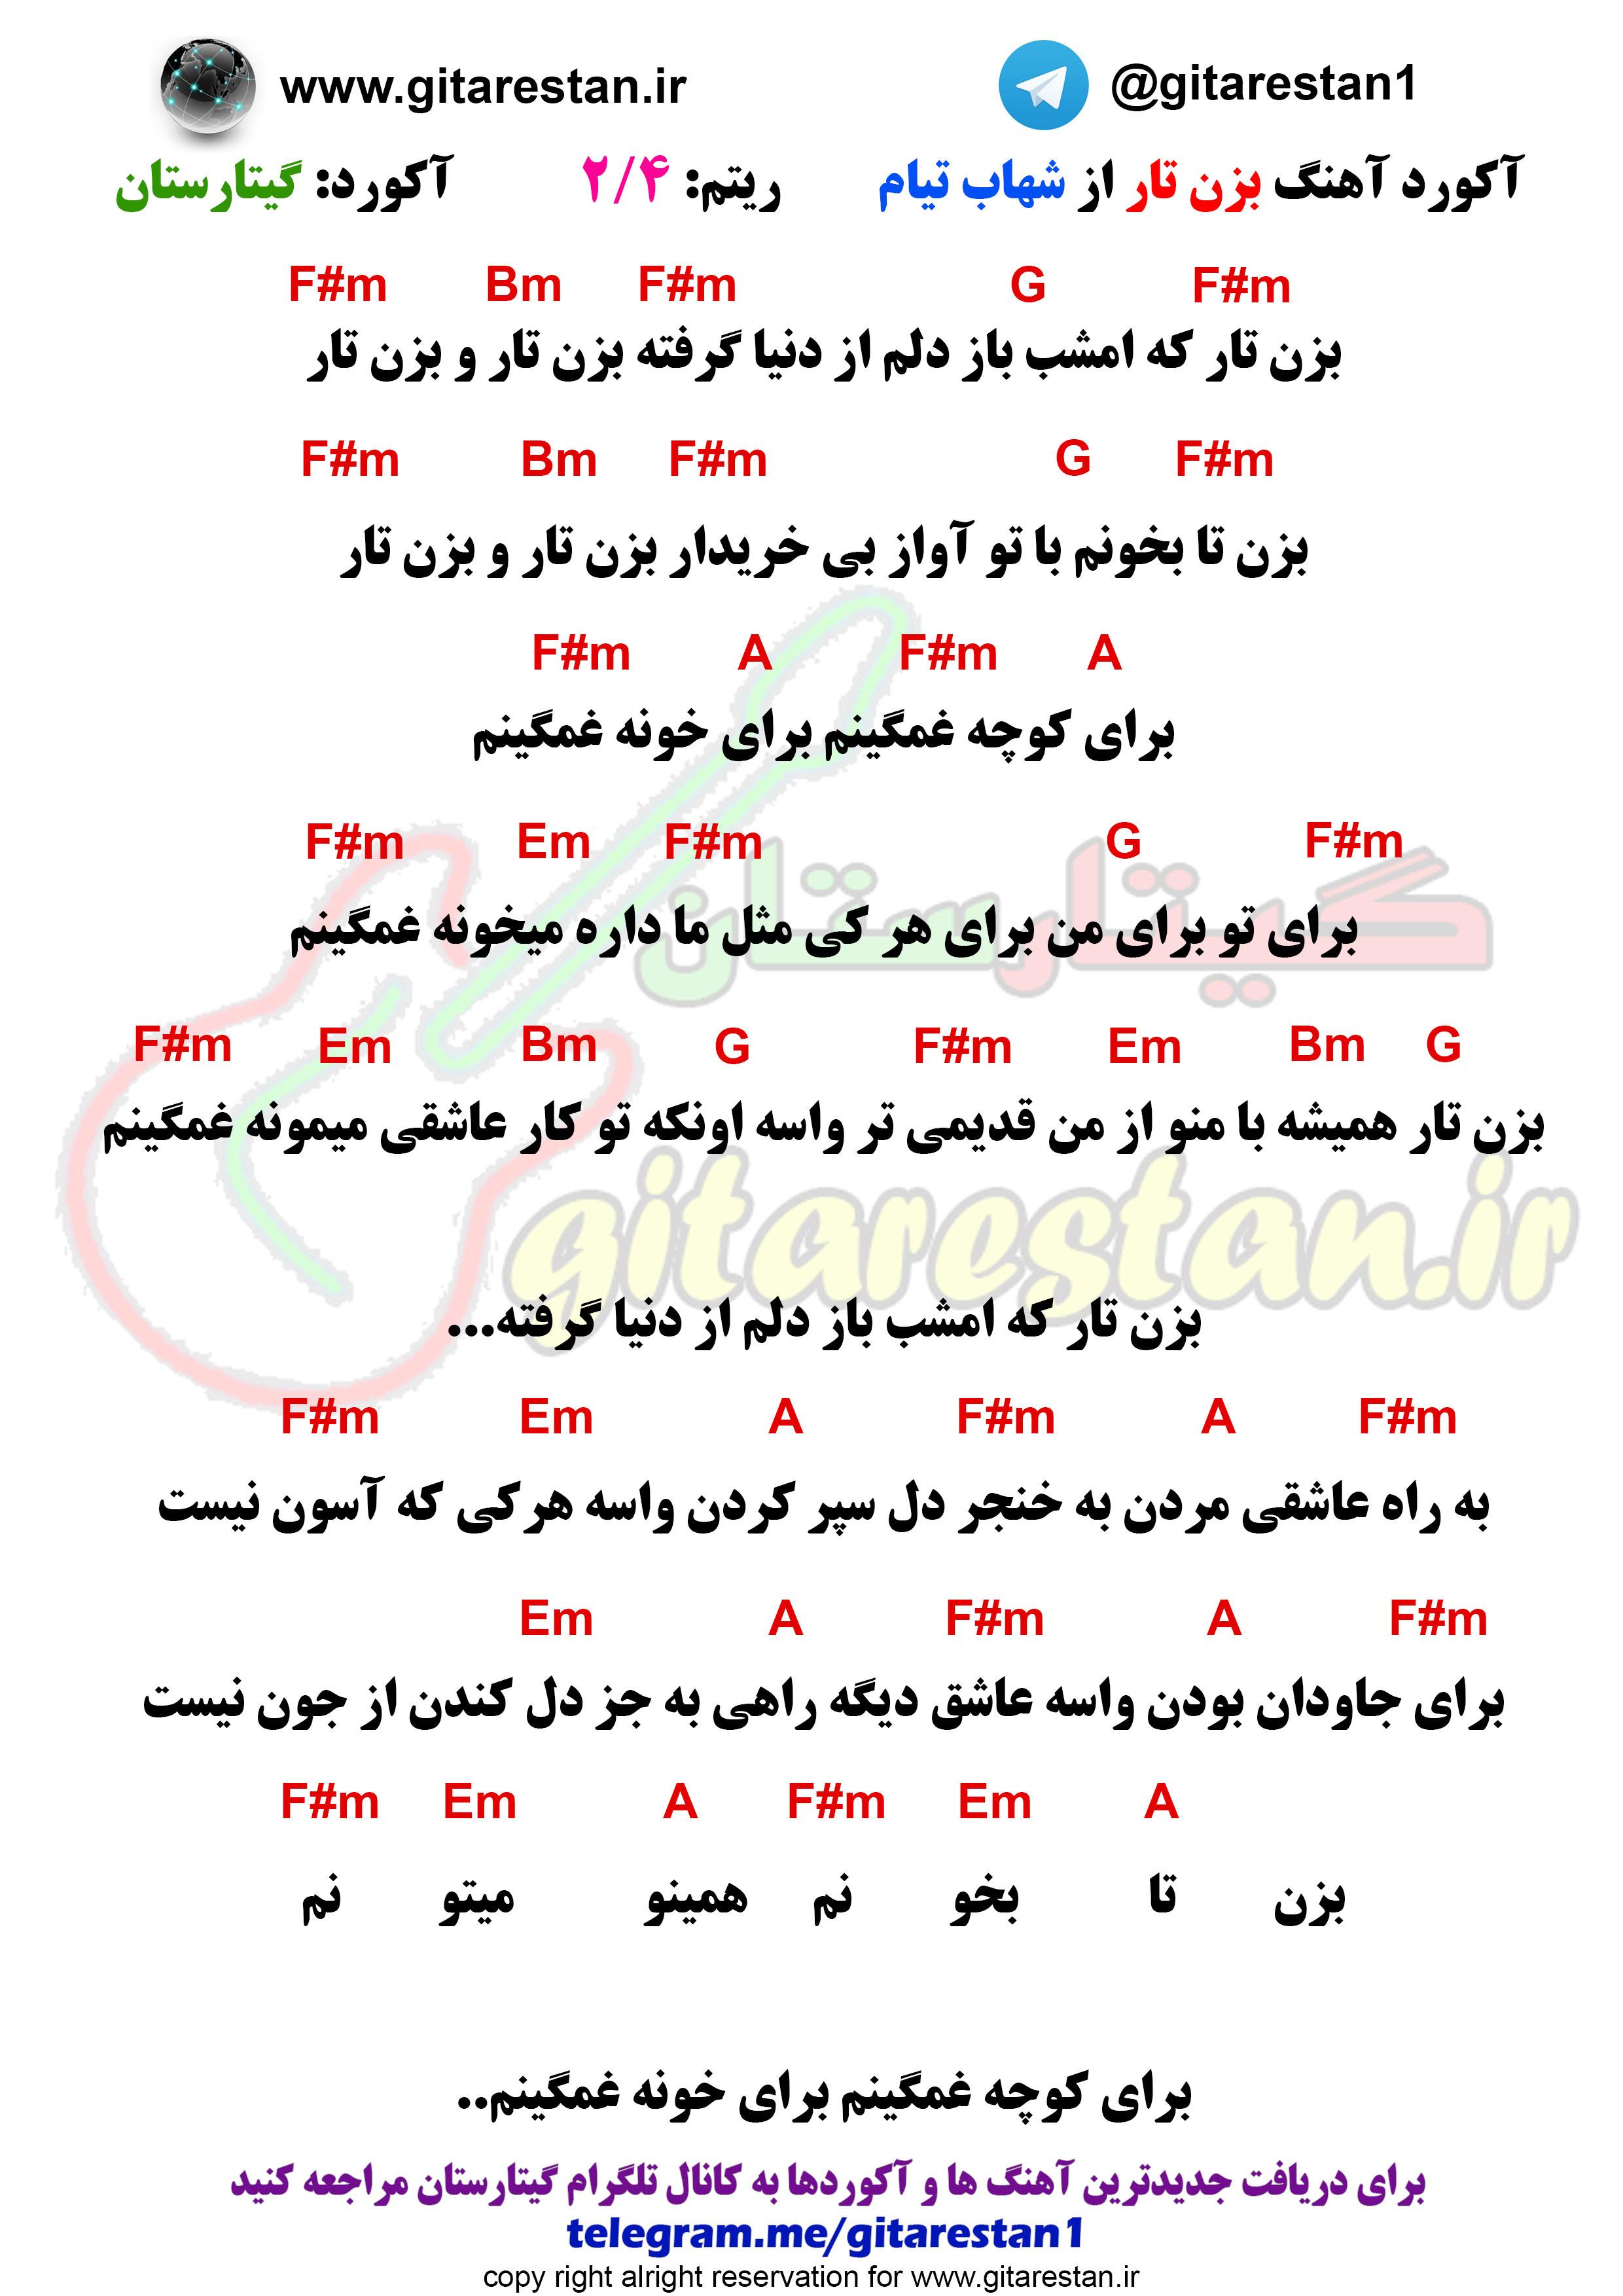 آکورد آهنگ بزن تار از شهاب تیام - گیتارستان